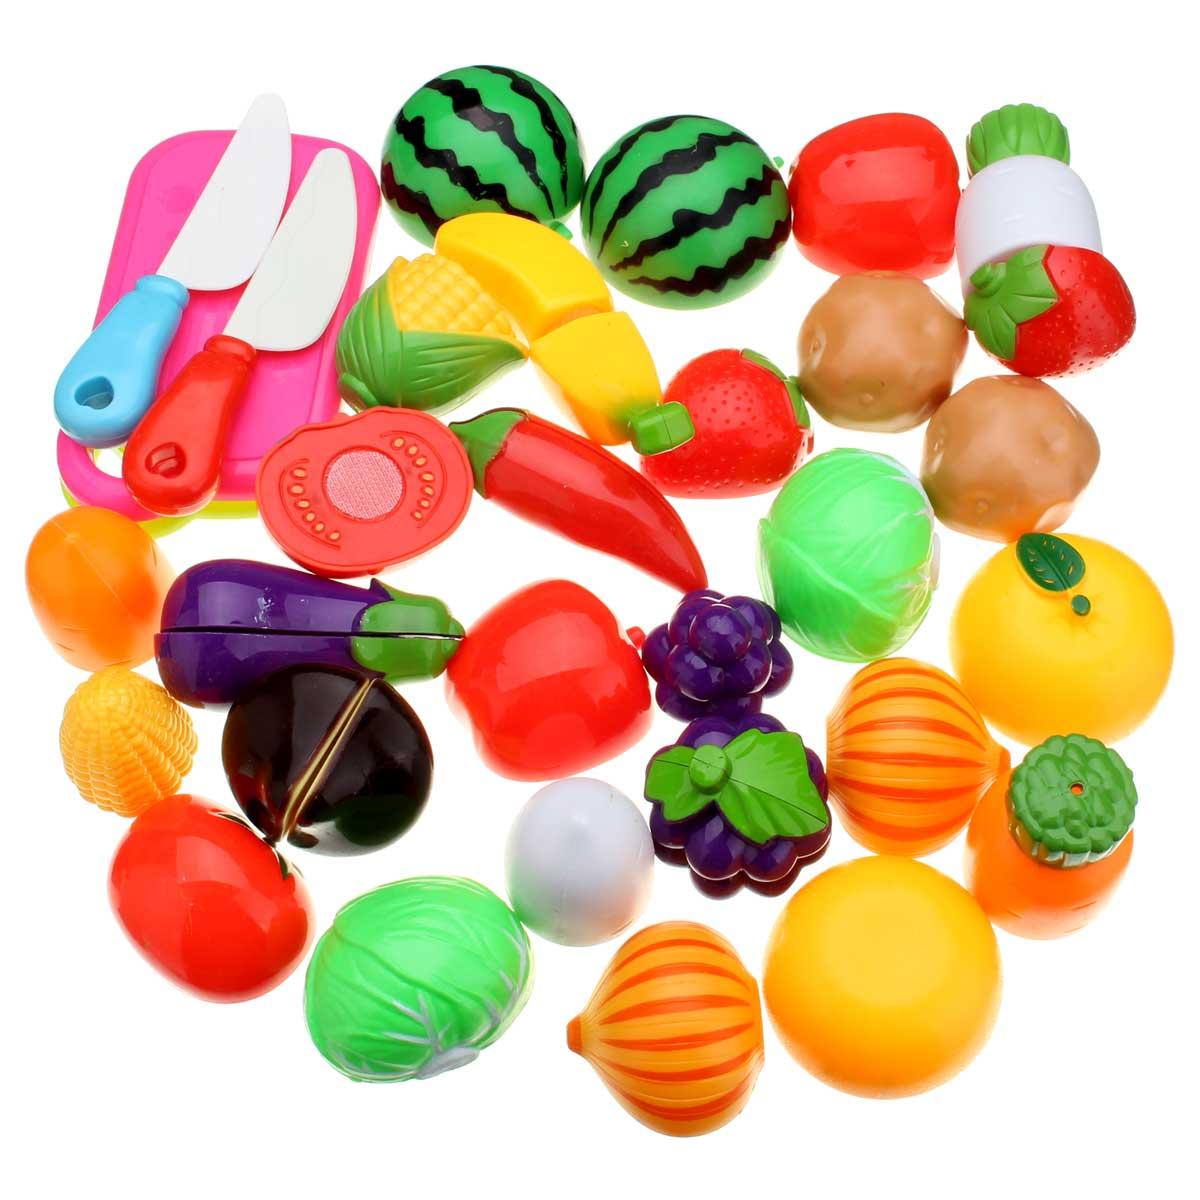 nuovo 20 pz cut divertimento frutta verdura cucina giochi per bambini giocattolo per bambini giocattoli educativi